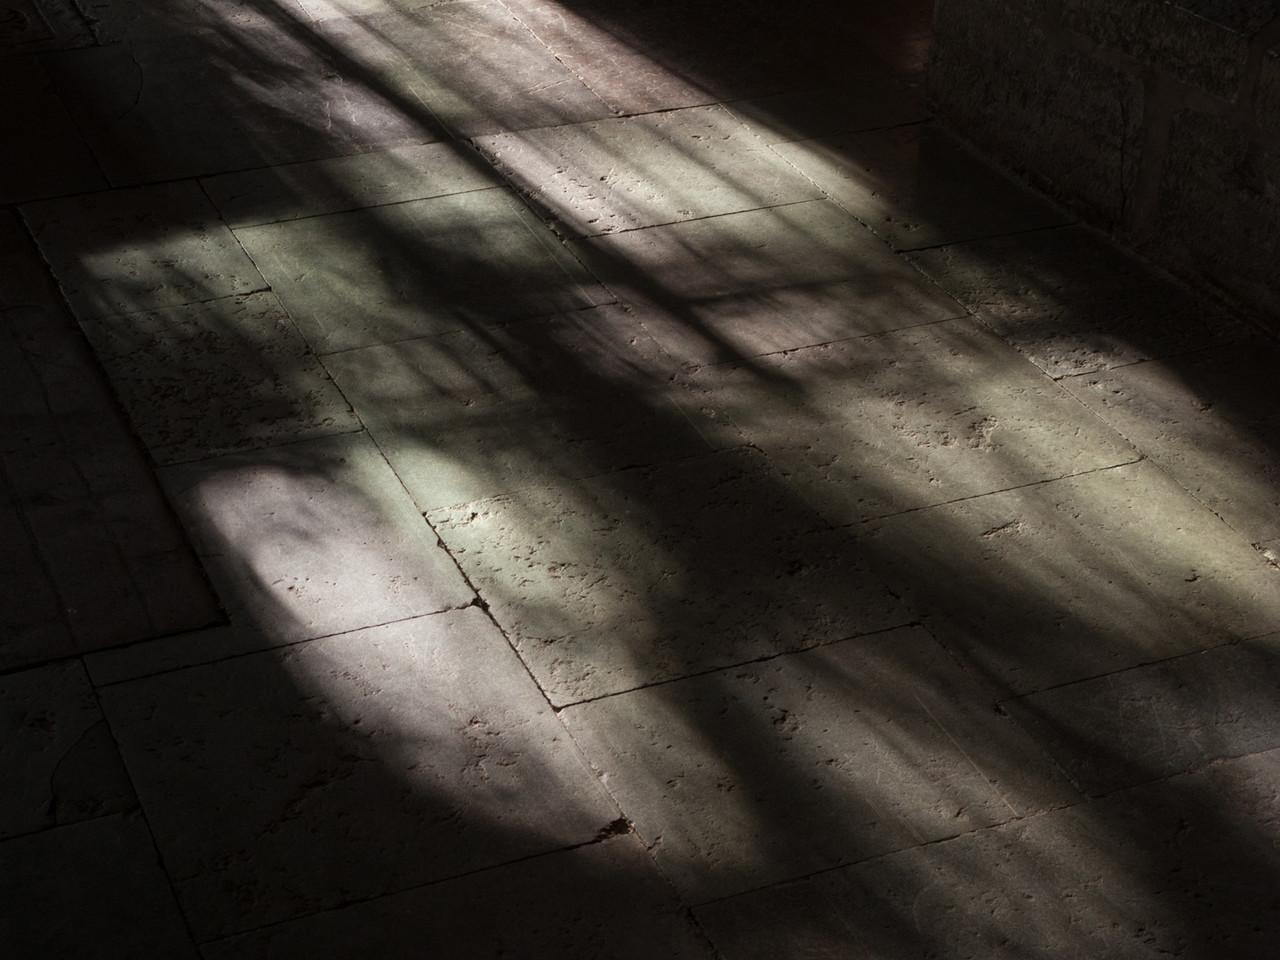 Strängnäs domkyrka (cathedral). 2008 Mar 5 @ 11:25